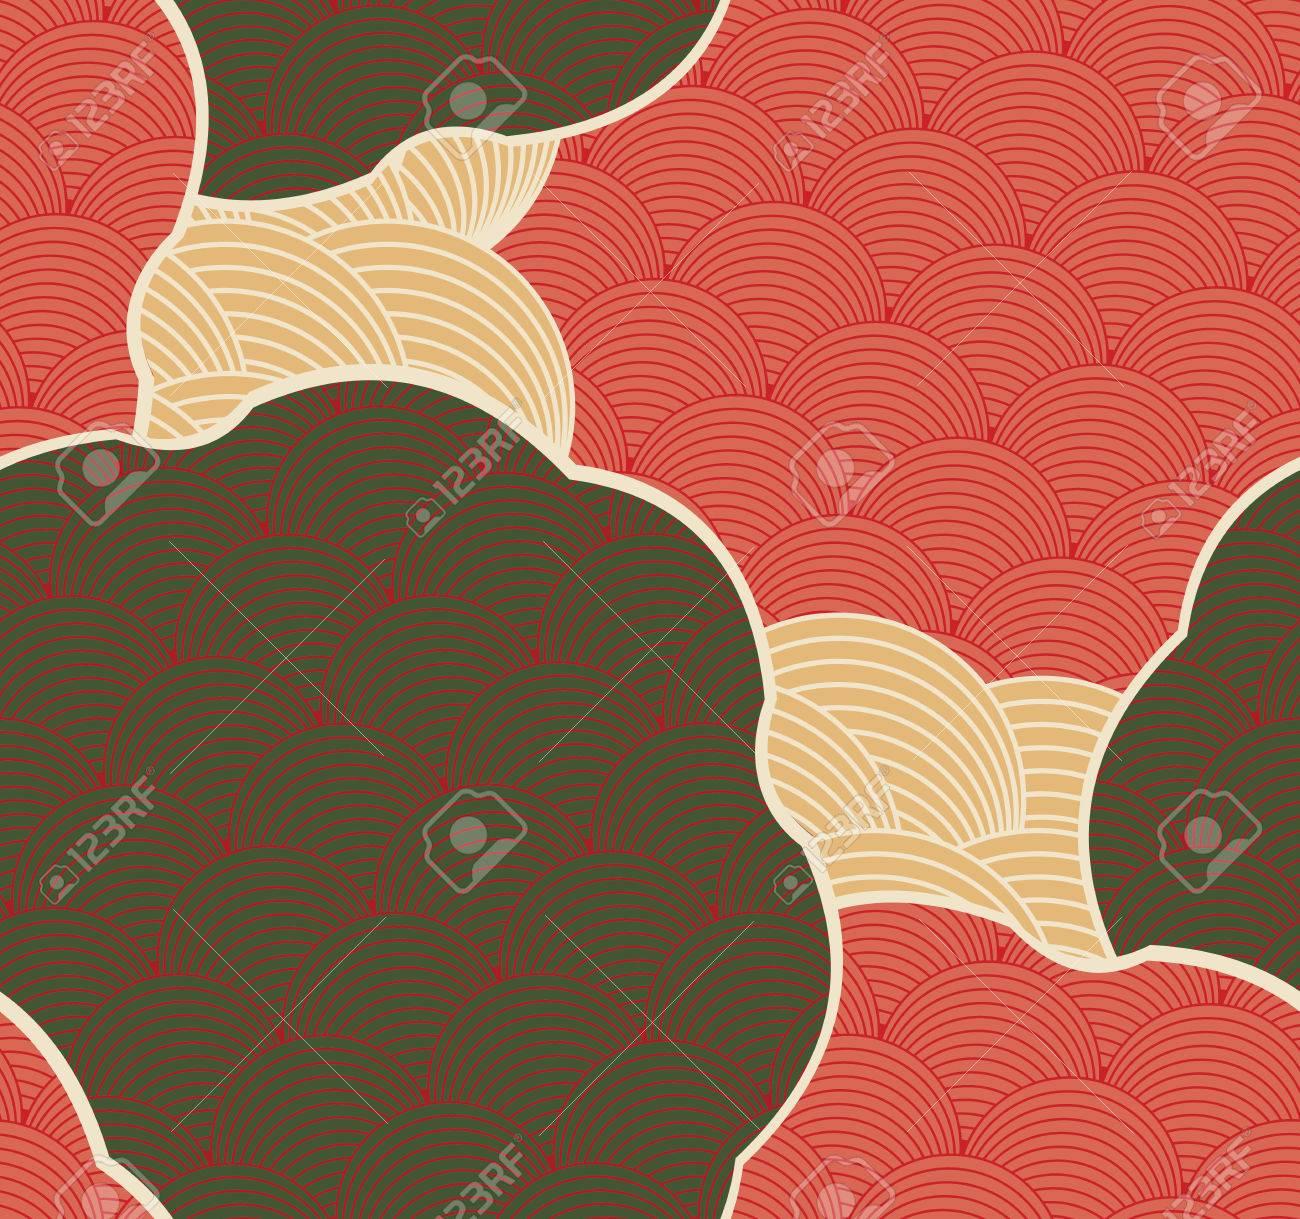 77a52d9ee2fd7 Fundo sem emenda desenhado mão. Criativo design artesanal para moda têxtil  de tecido. Motivos japoneses em cores retro ...